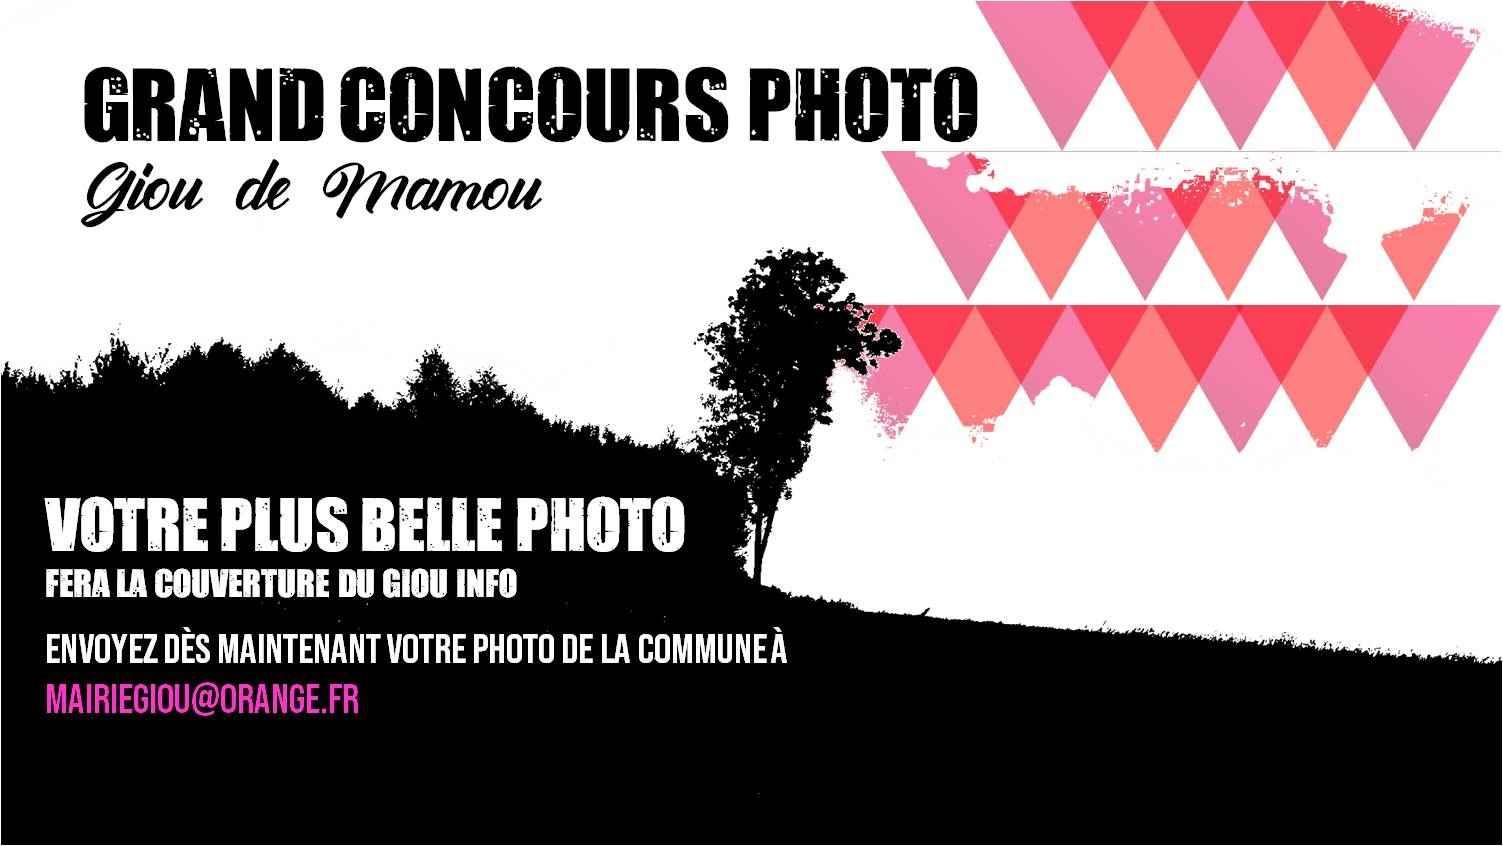 ACTU concours photo 2